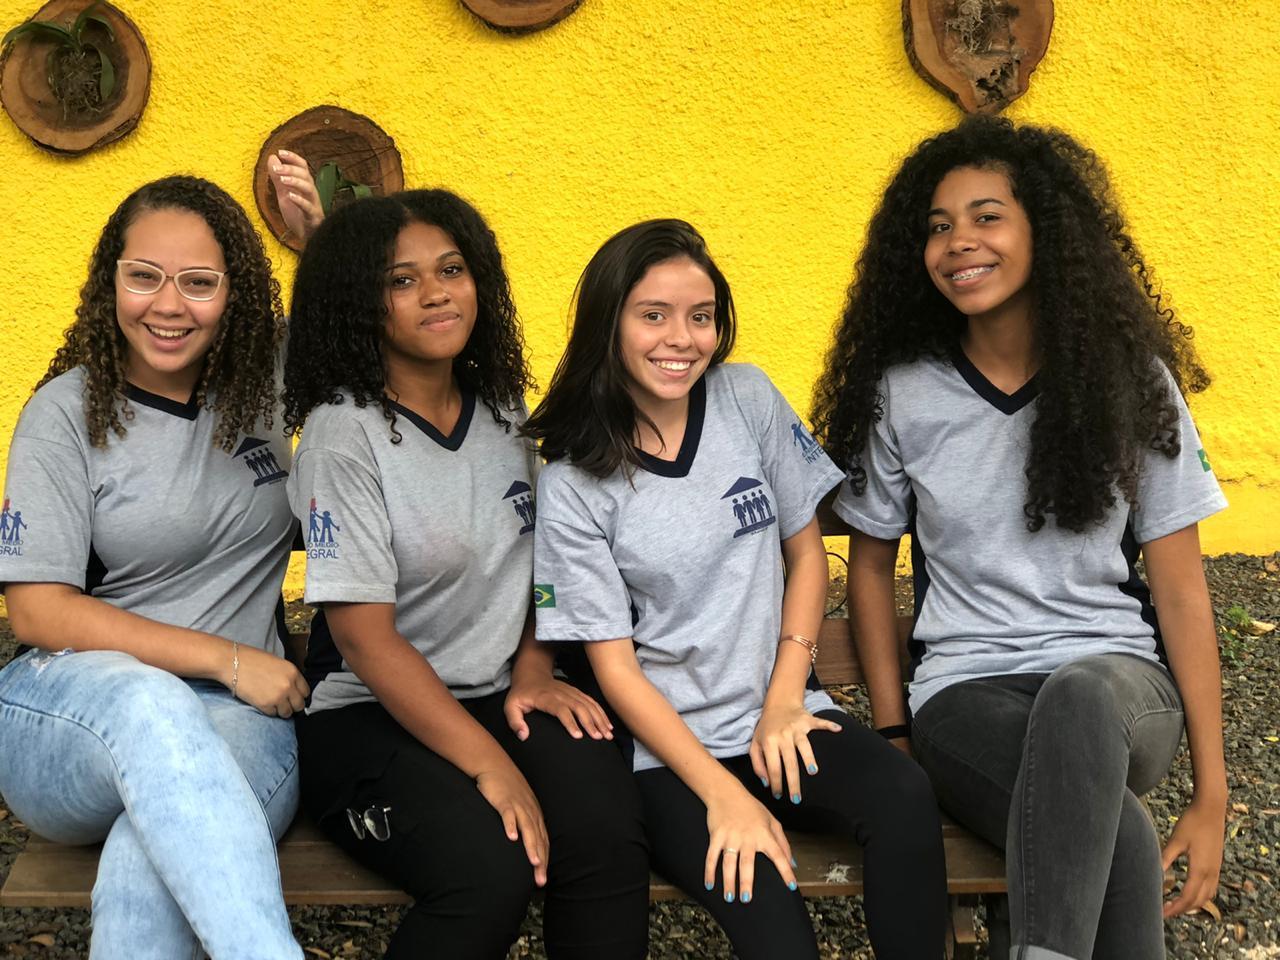 Foto de quatro adolescentes sentadas sorrindo para a foto. Elas usam uniforme escolar e ao fundo há uma parede amarela.